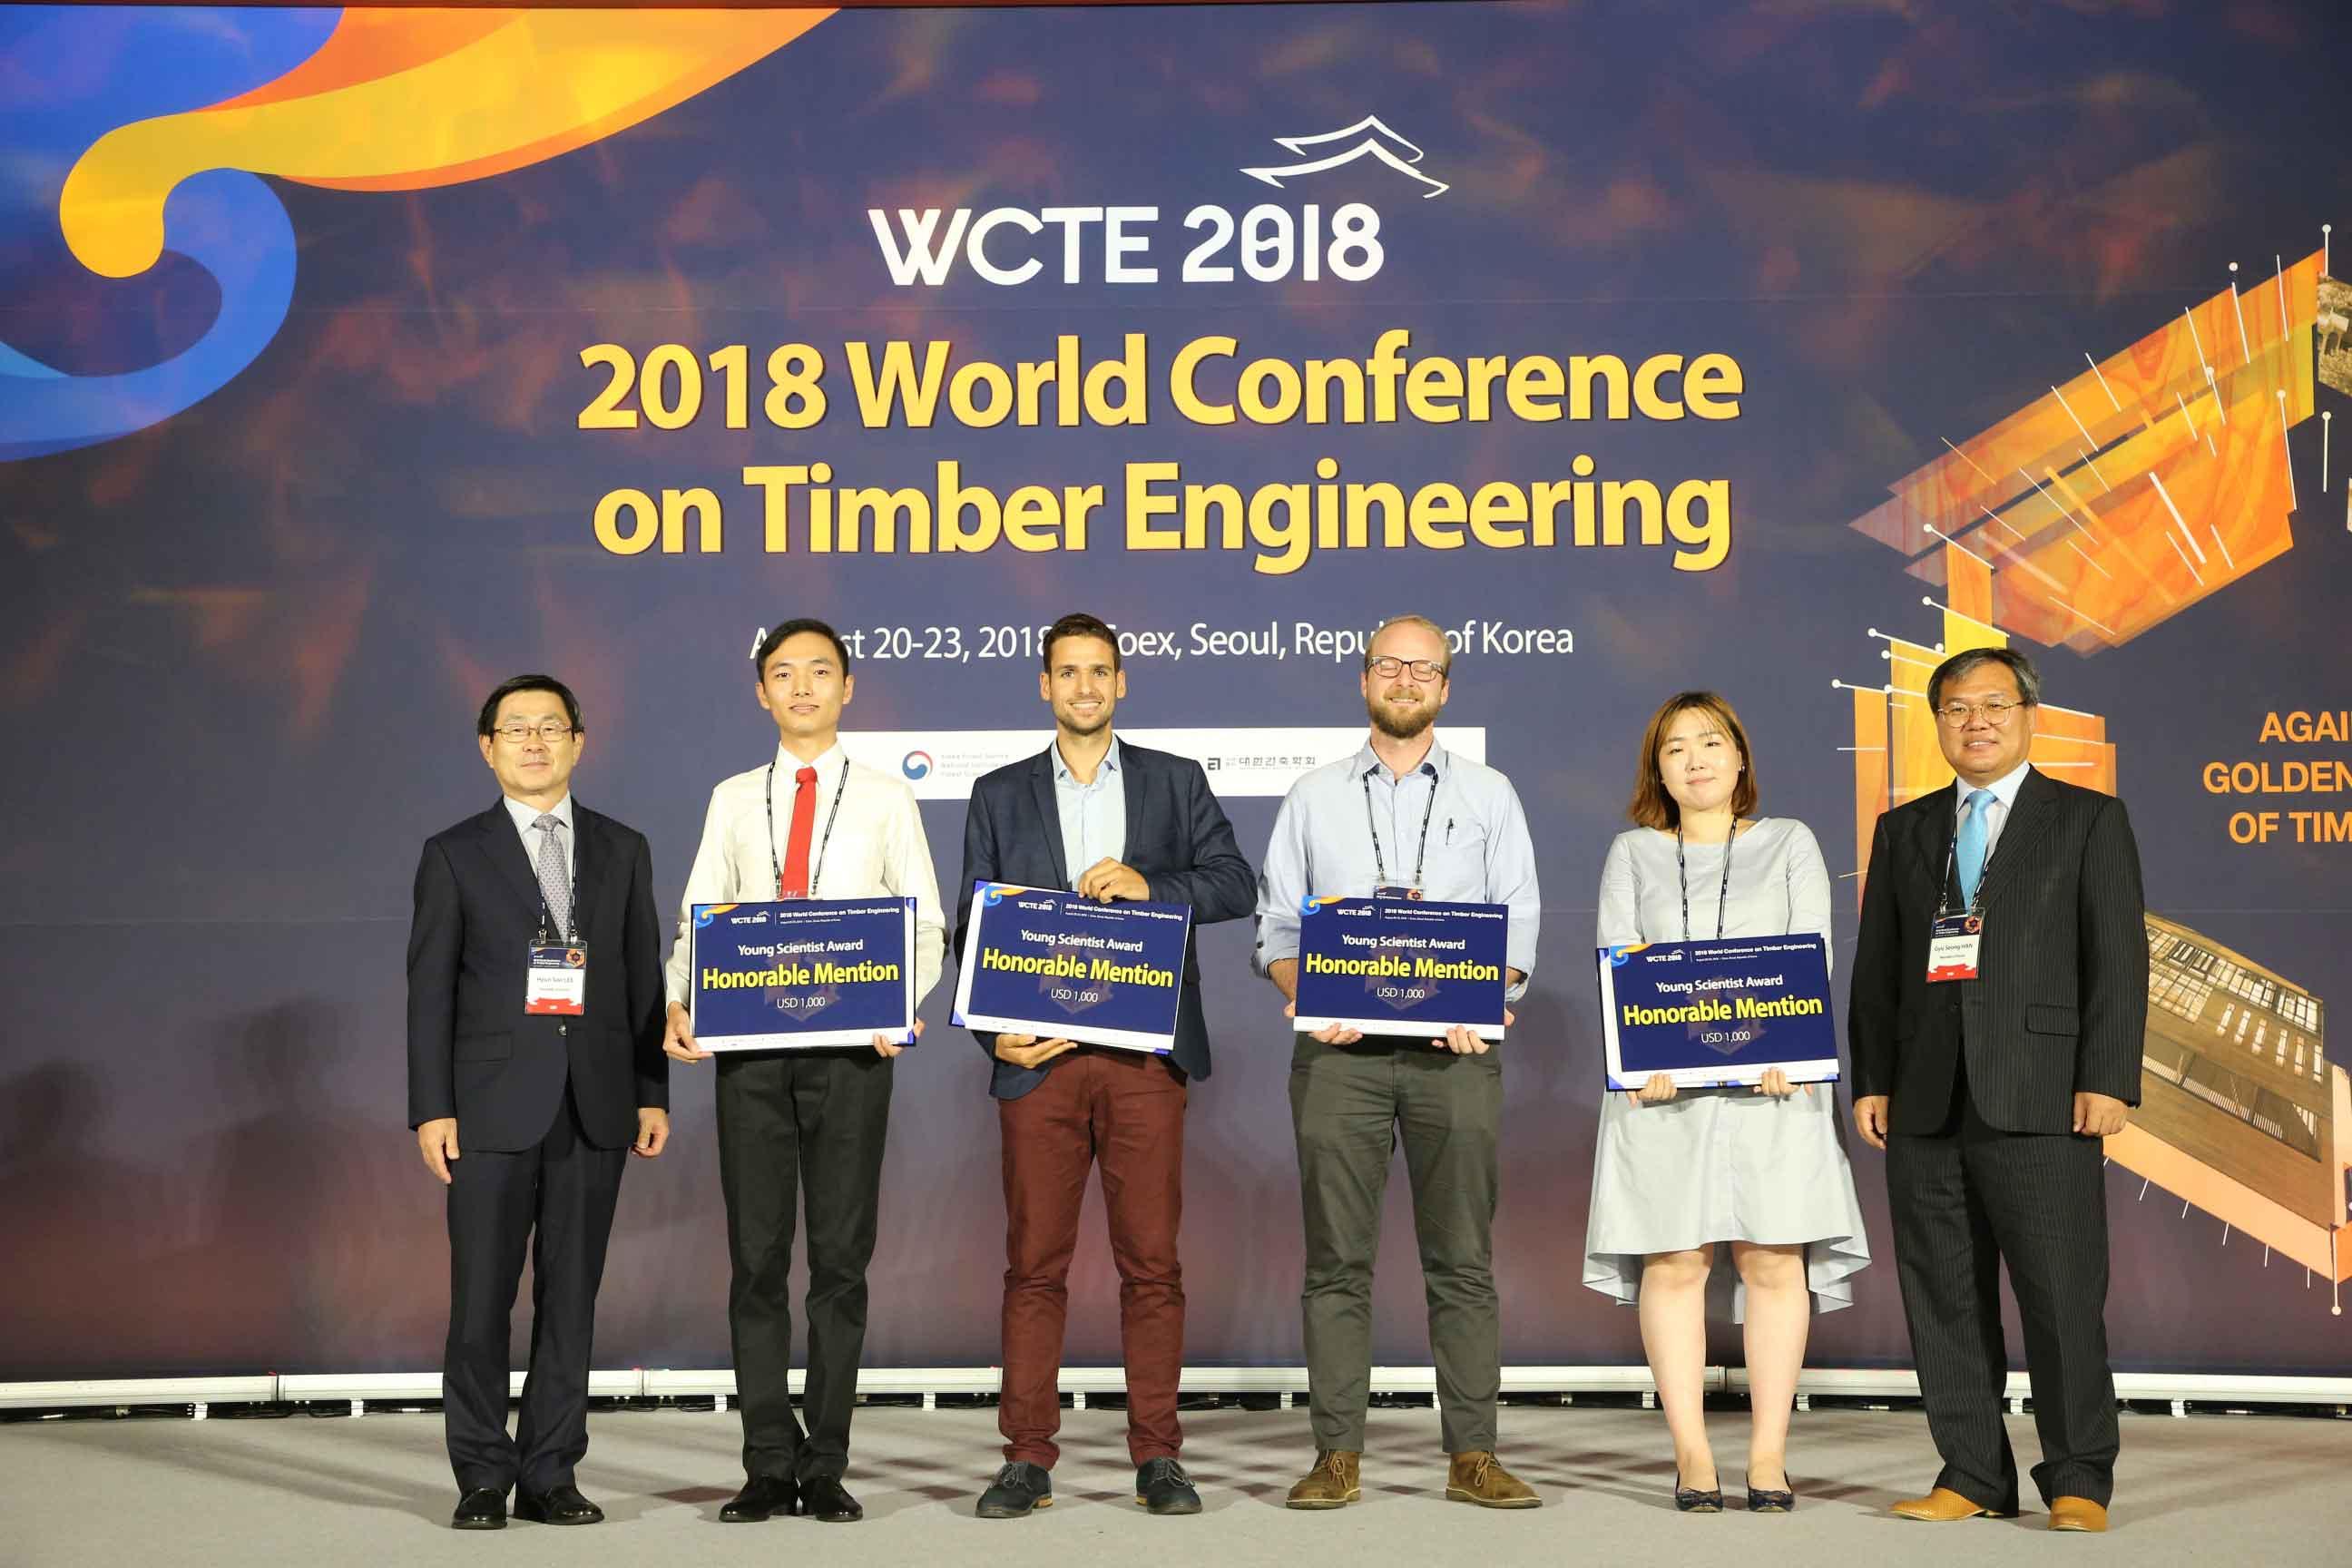 董翰林在世界木结构大会WCTE上汇报研究成果并接受颁奖